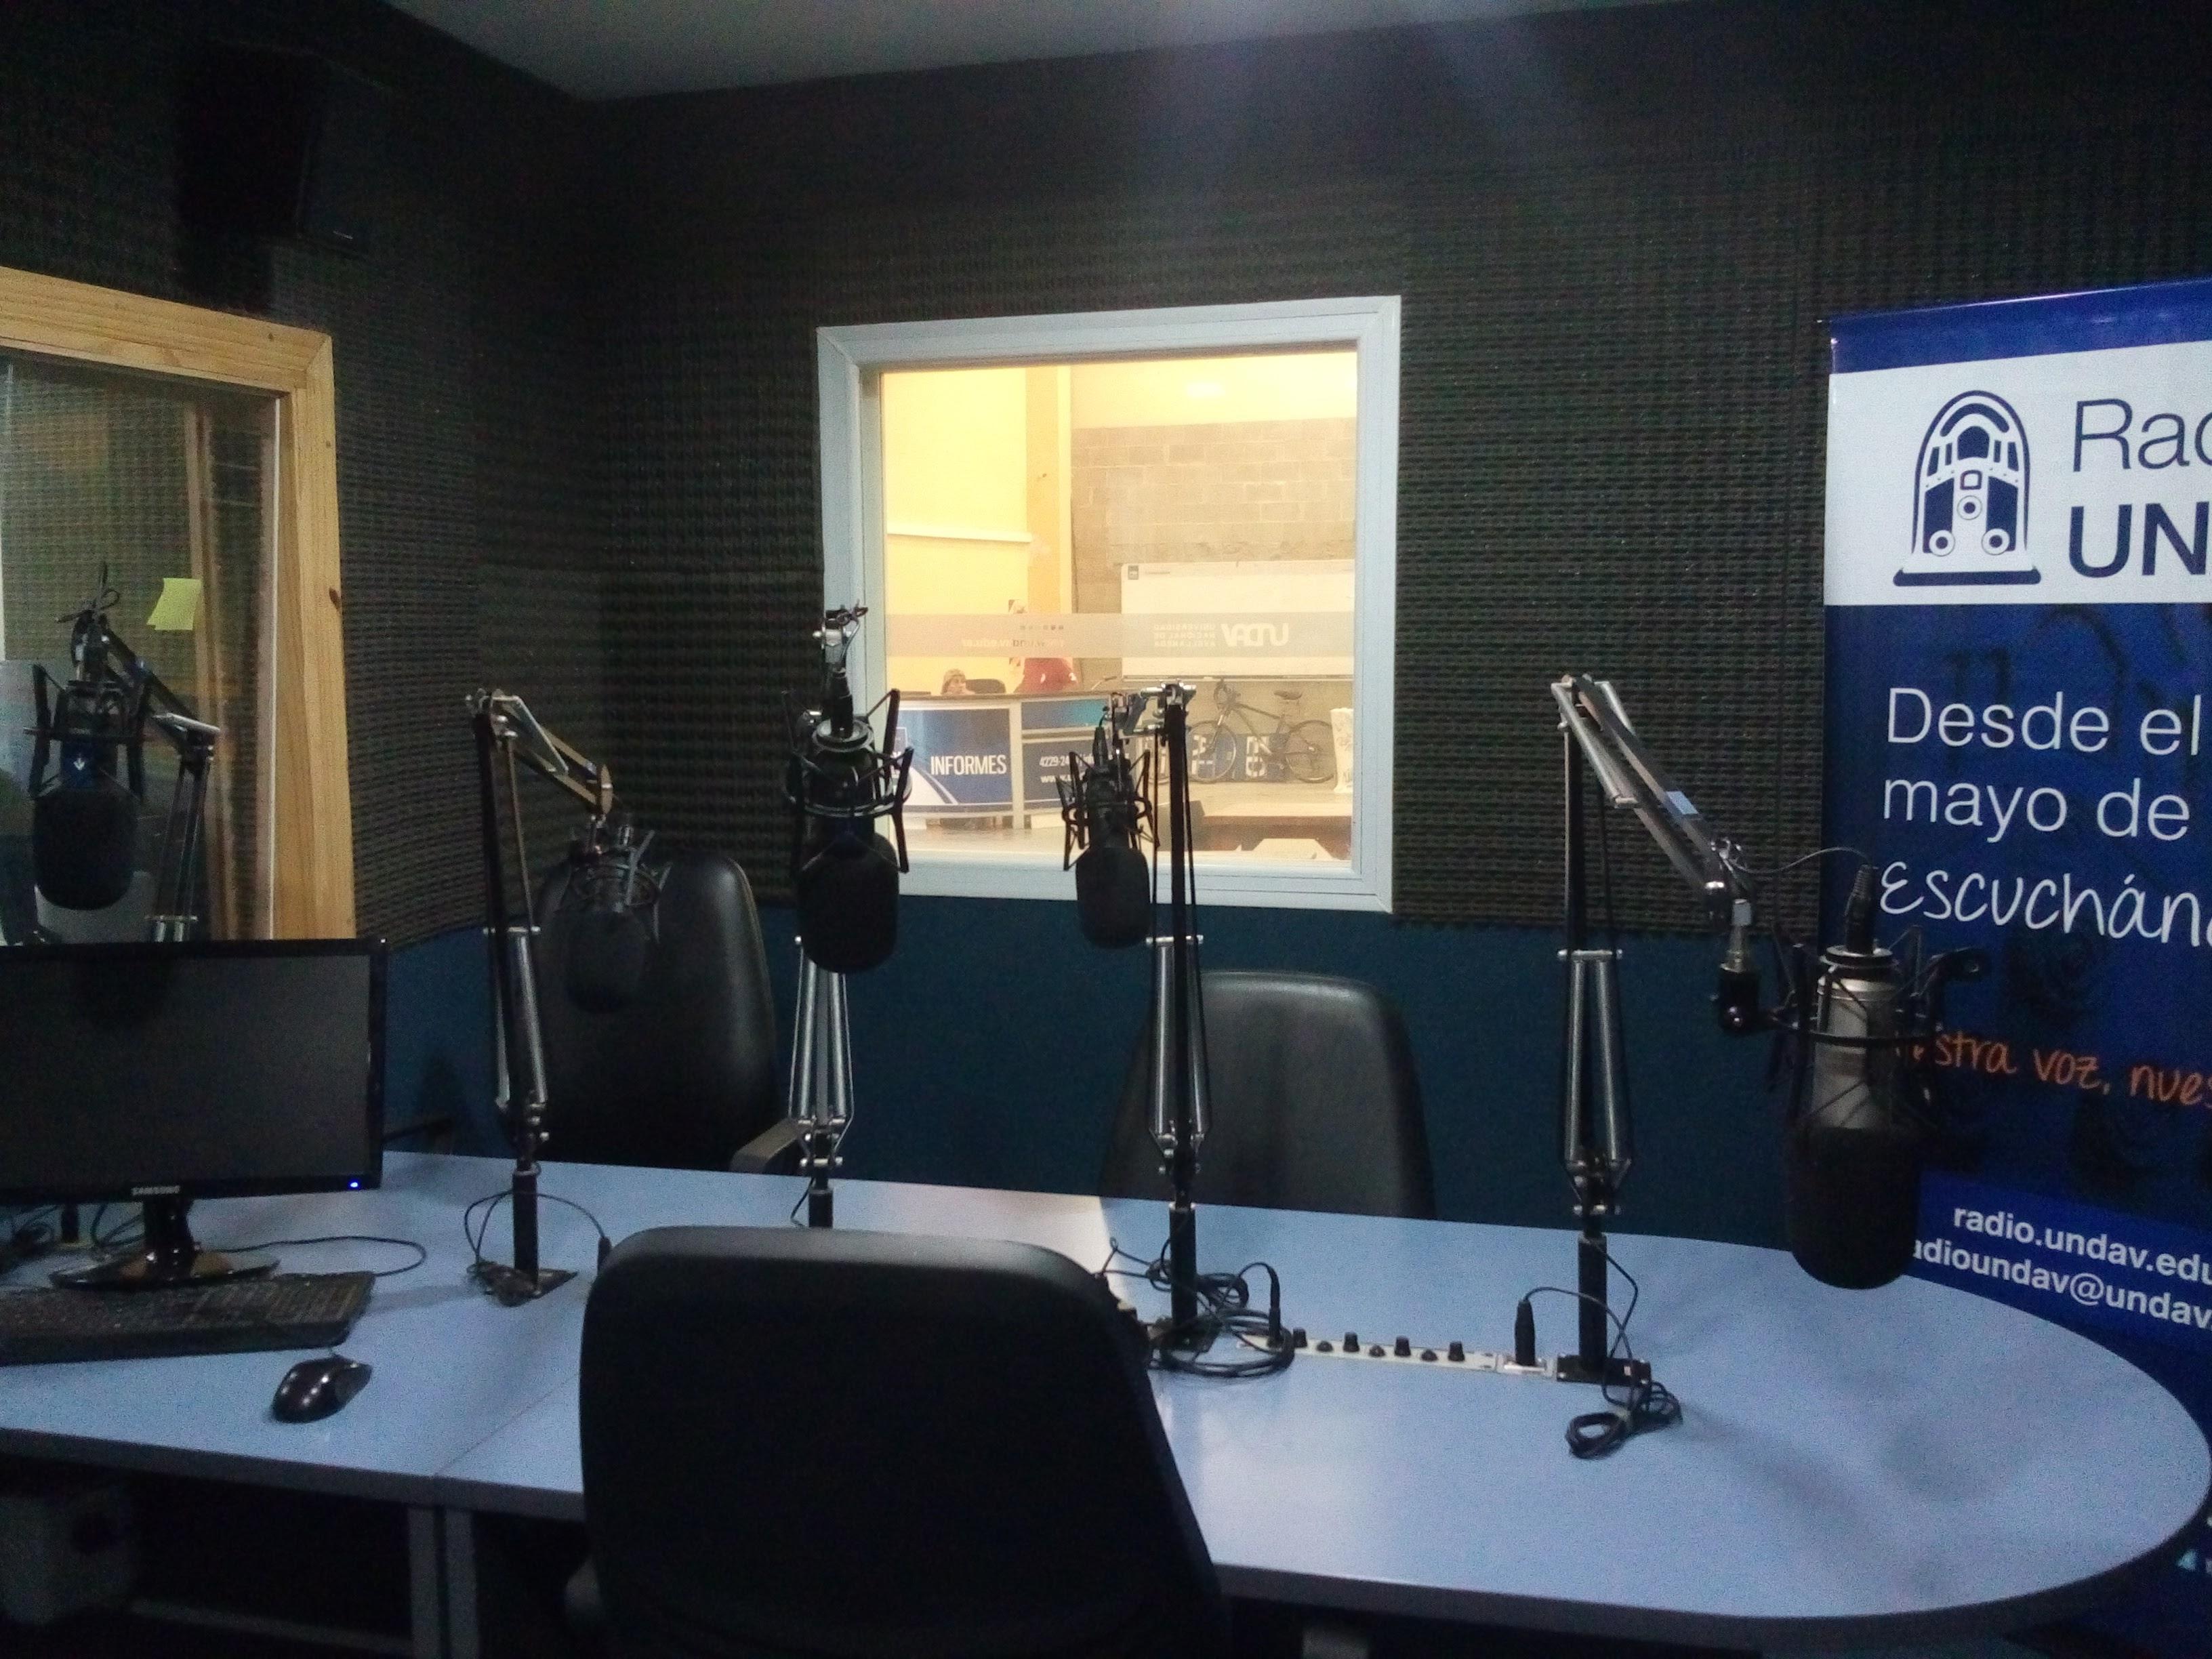 Radio Undav - Radio Undav